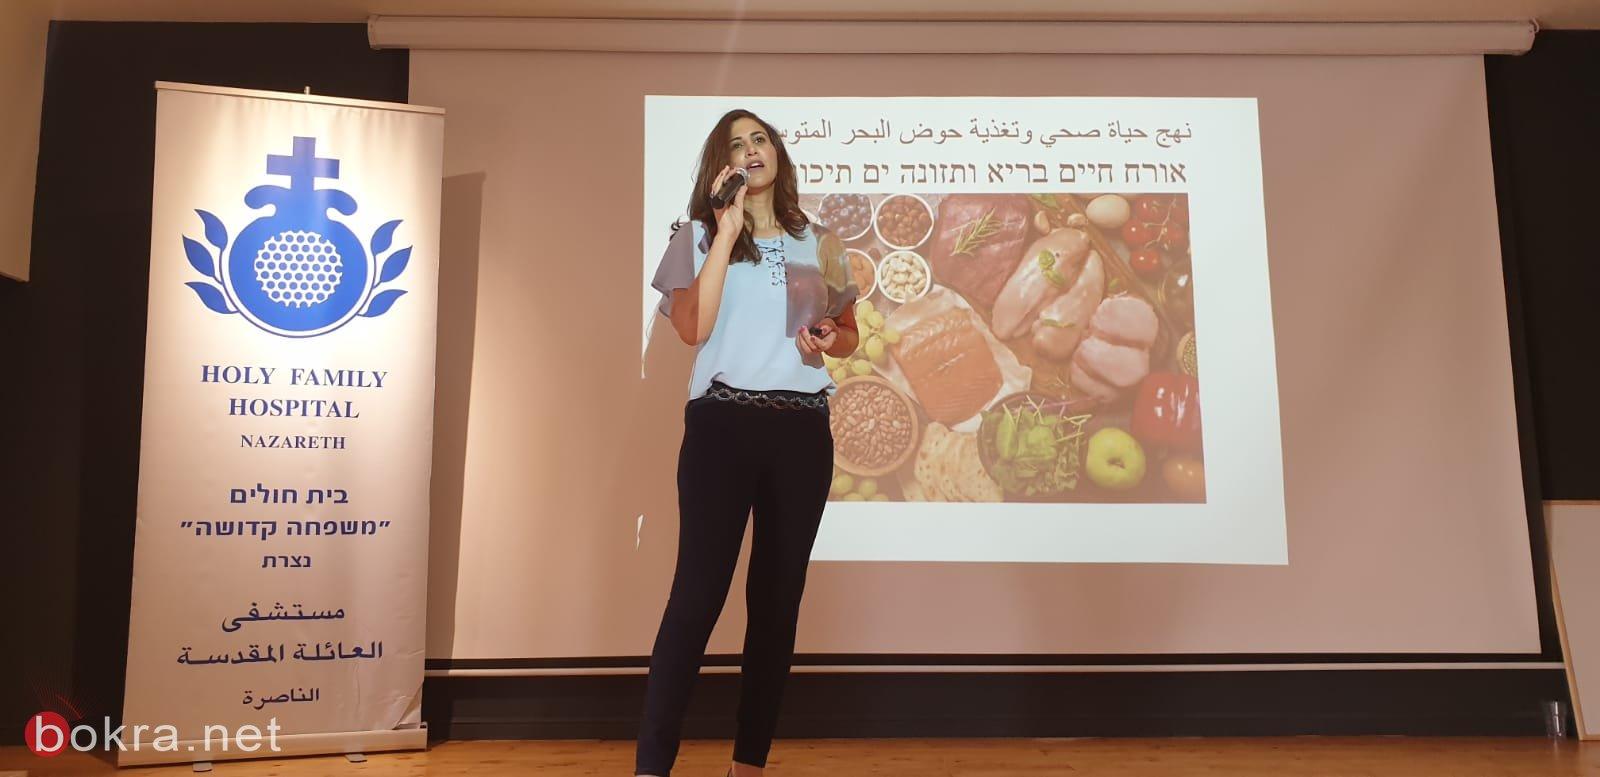 مؤتمر عن التفكير الإيجابي في العائلة المقدسة في الناصرة